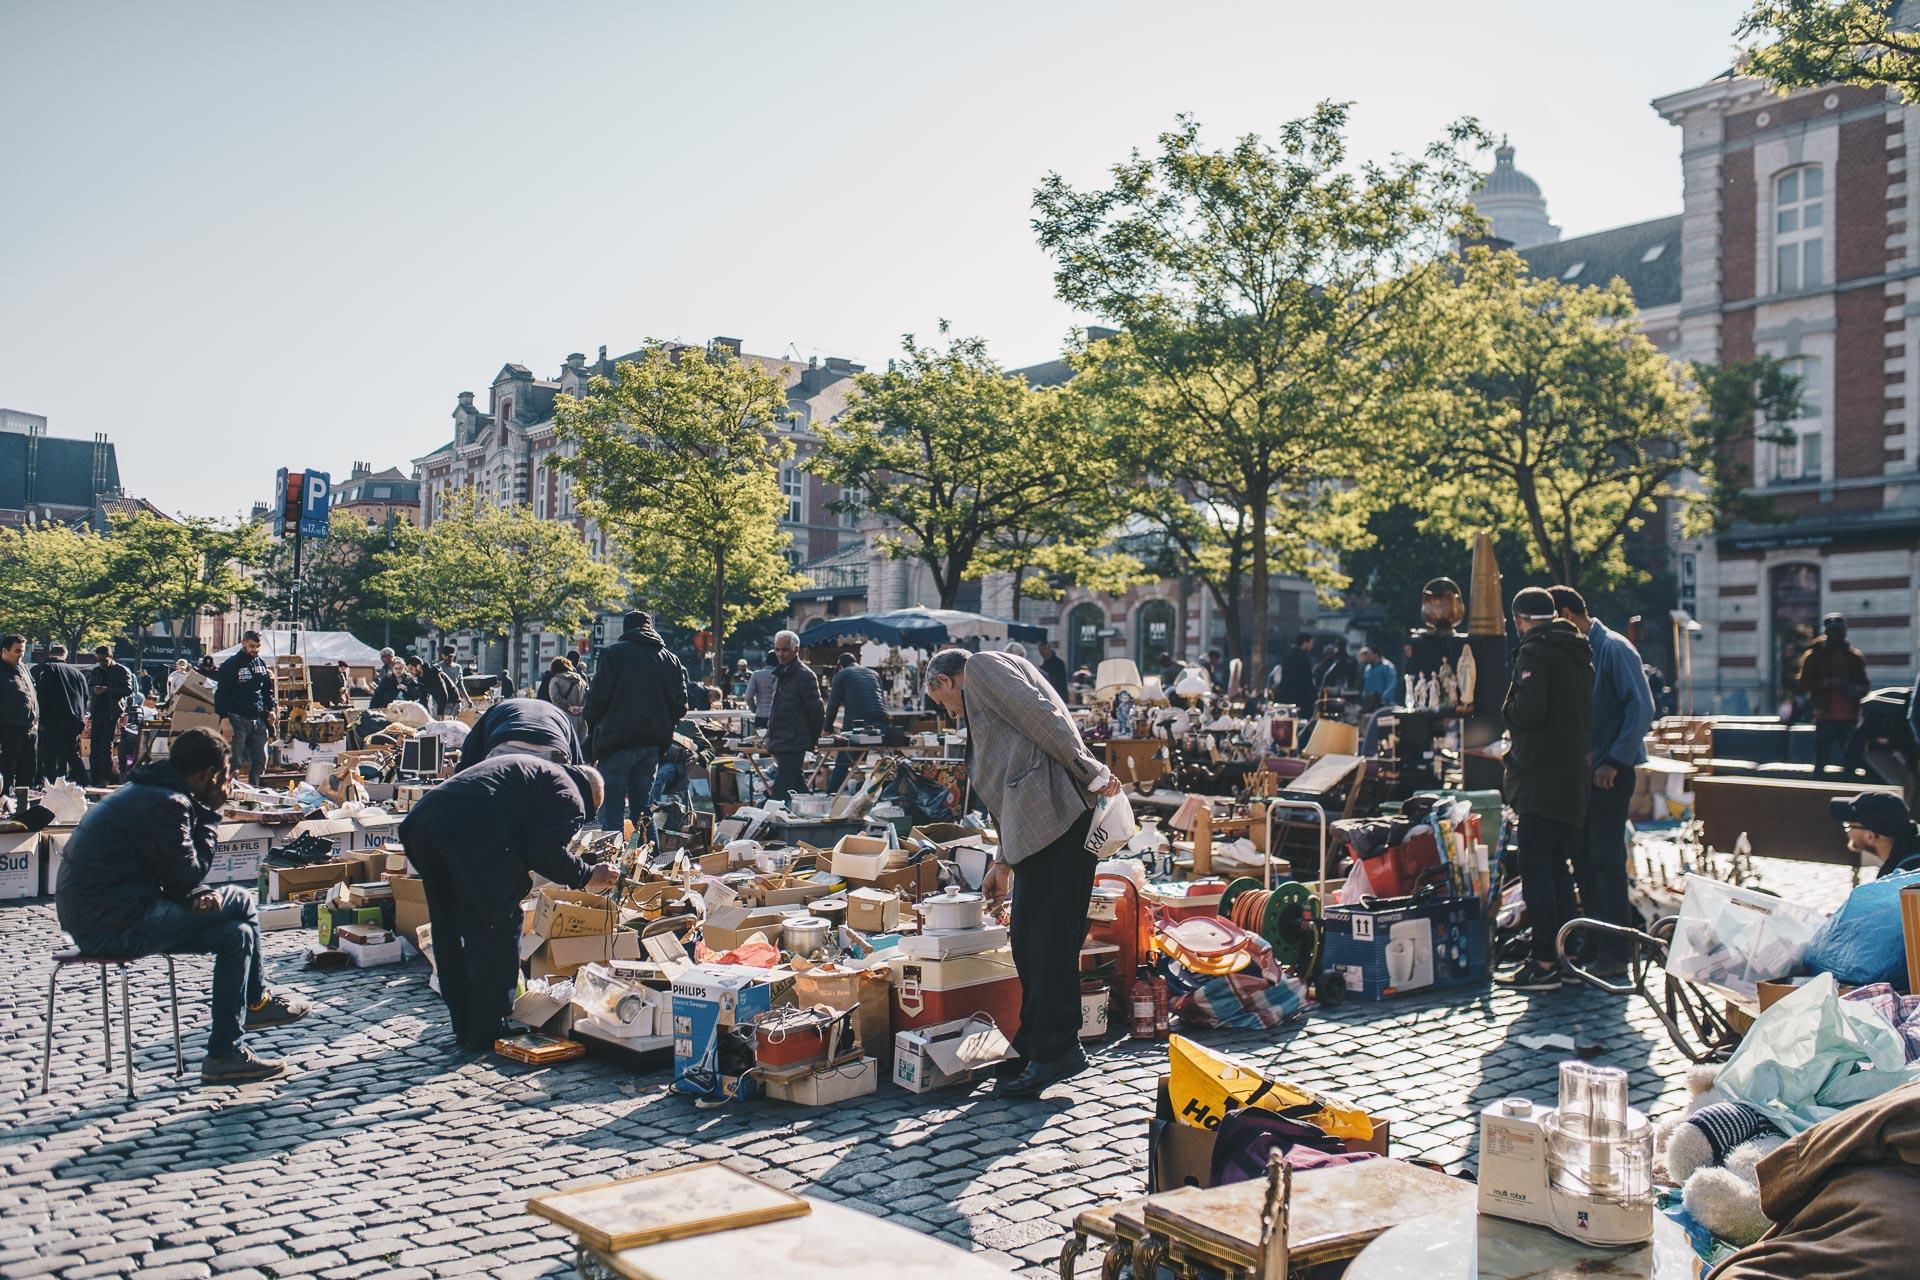 Place du Jeu de Balle 's flea market